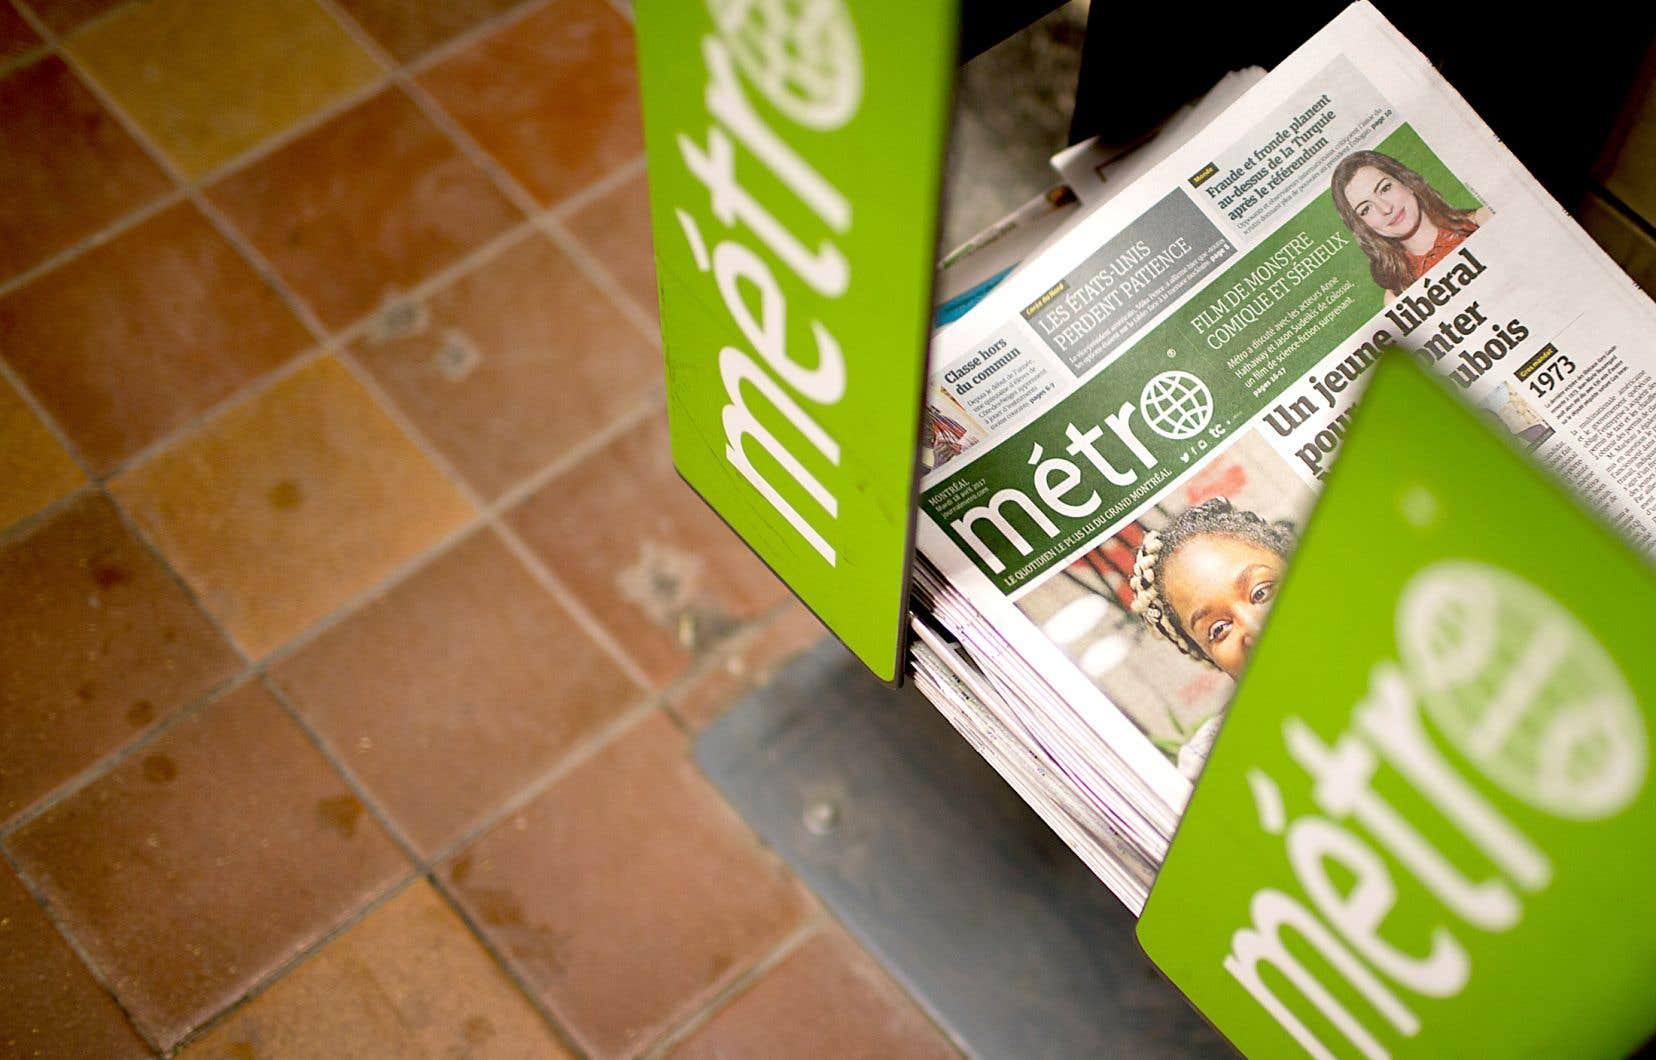 Jusqu'à nouvel ordre, «Métro» sera publié les mercredis et les vendredis, cette dernière journée permettant au journal de publier une édition plus axée sur la culture et les sorties, et qui pourra être d'actualité pendant trois jours.